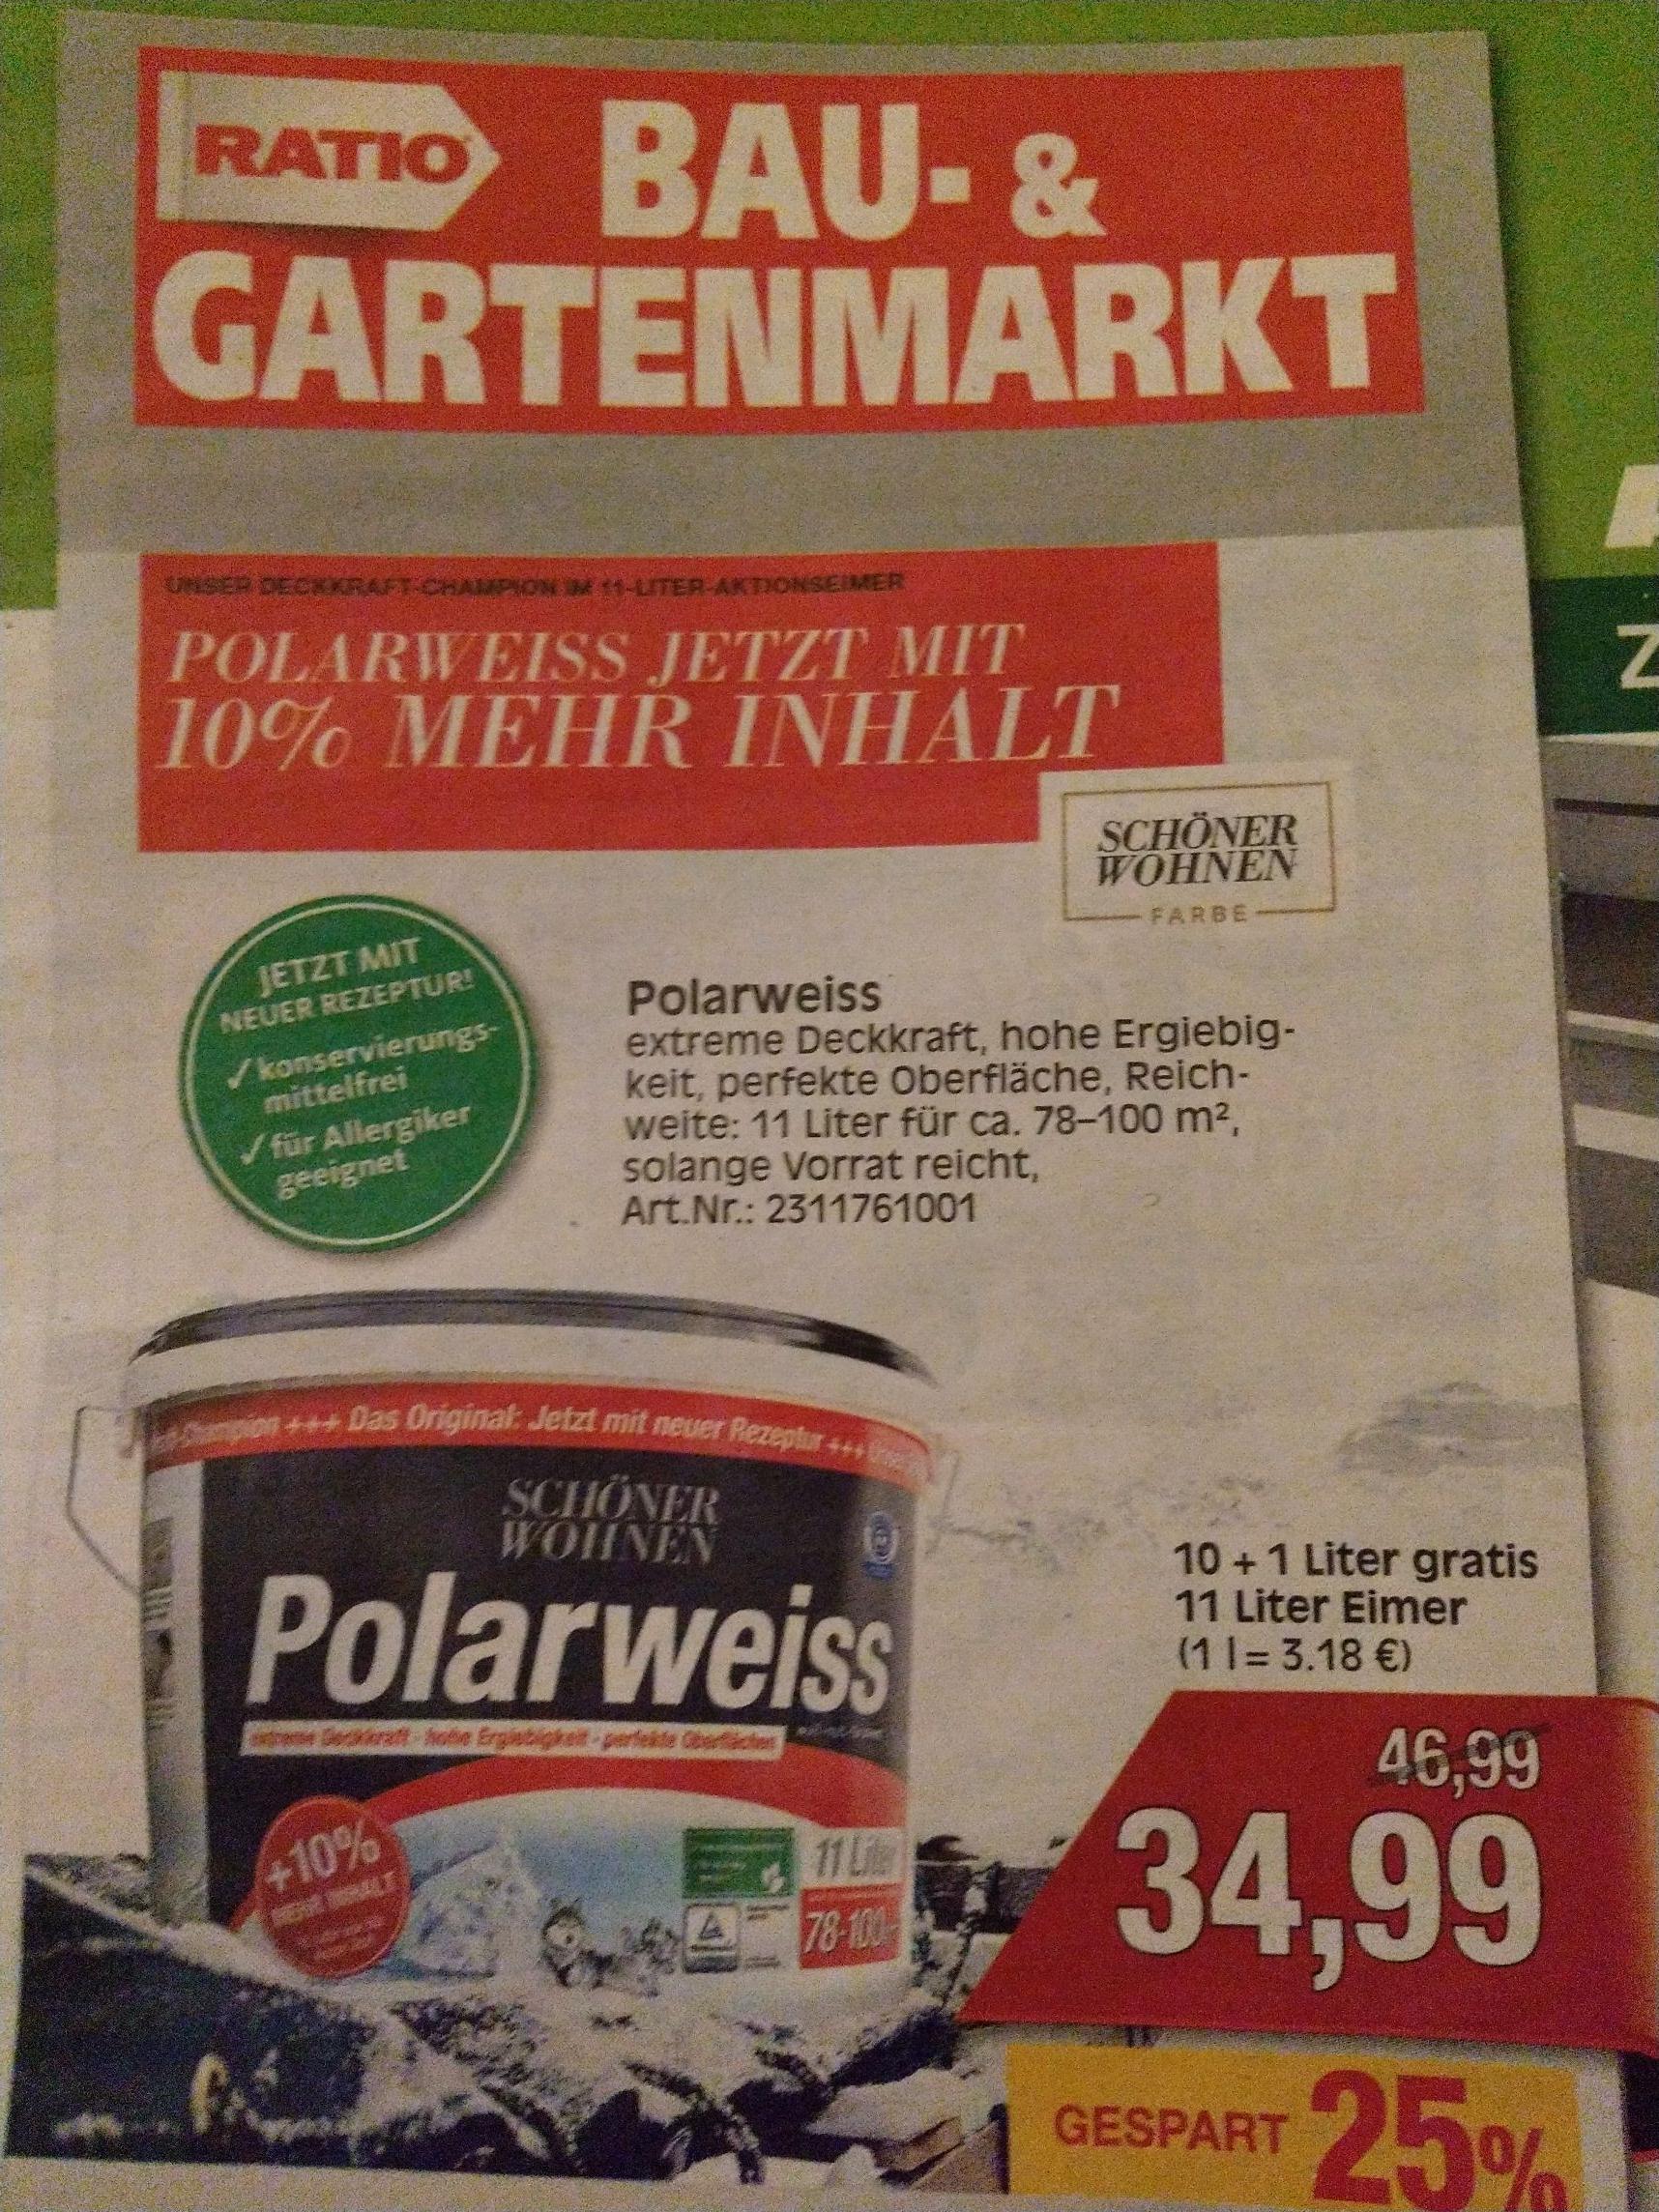 Schöner Wohnen Polarweiss 11 Liter 3079 Tiefpreisgarantie